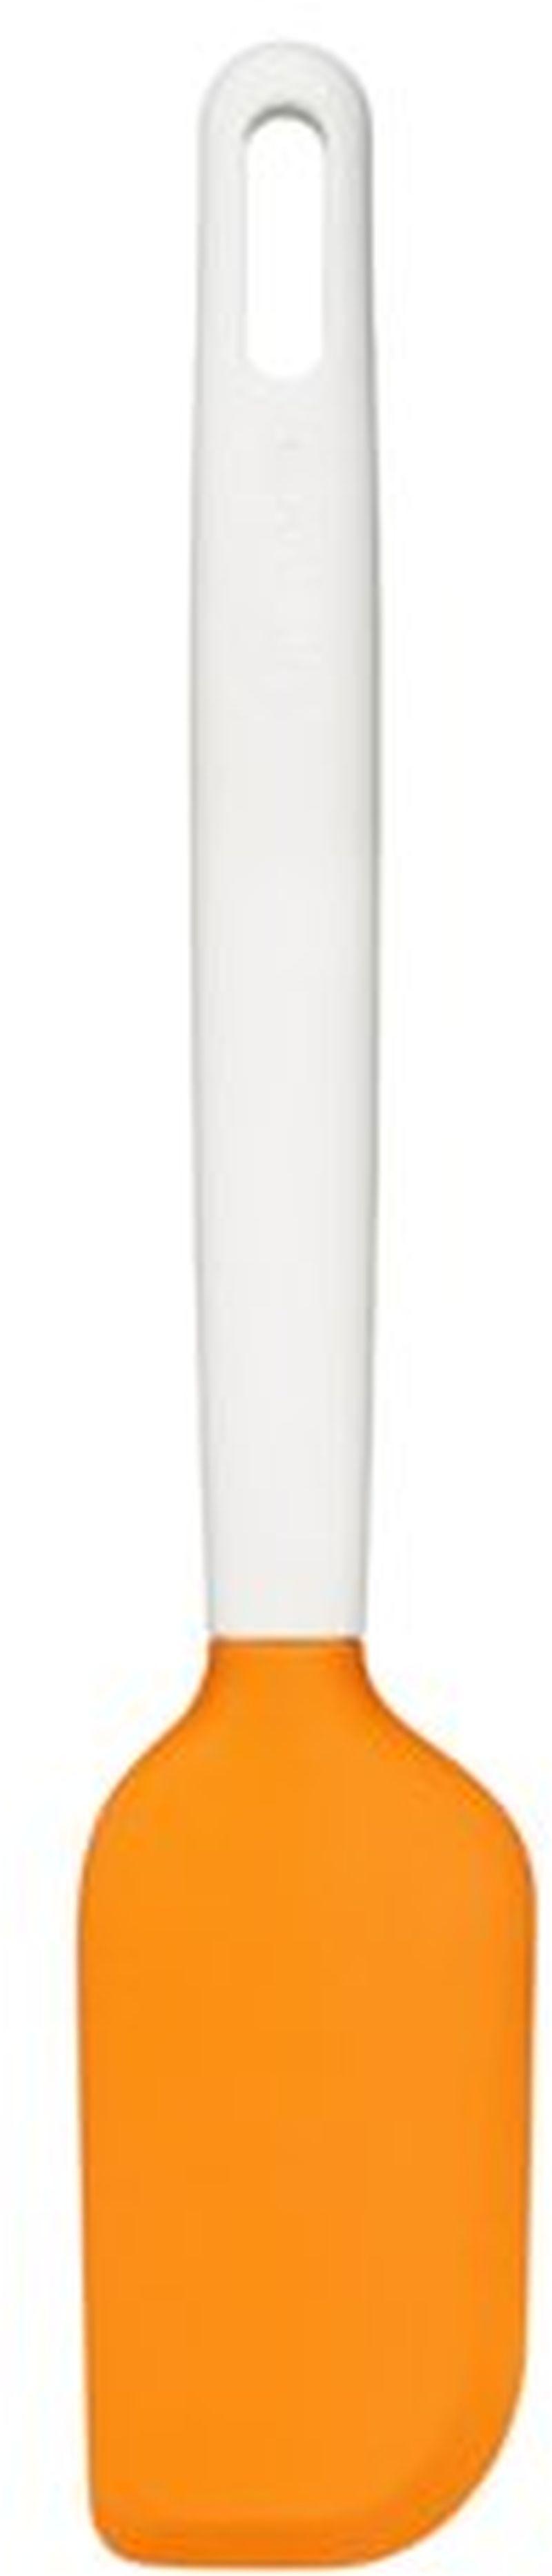 Fiskars Functional Form Stěrka na těsto 1023615